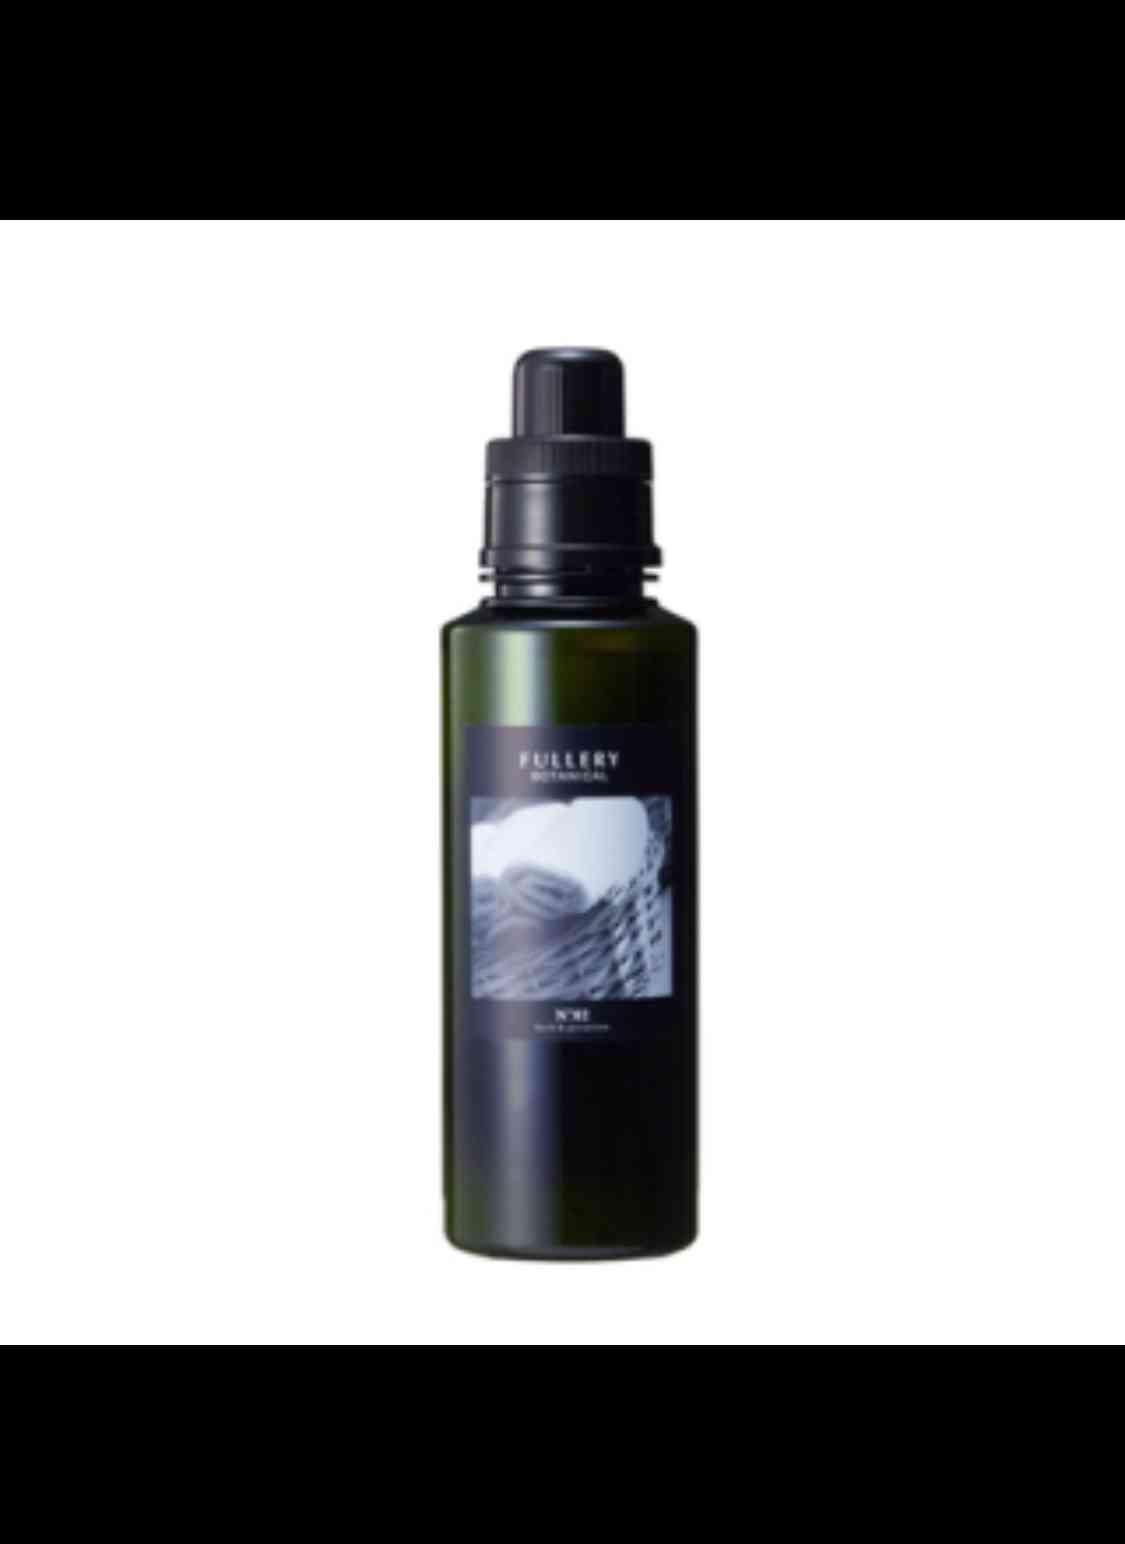 好きな柔軟剤の香り